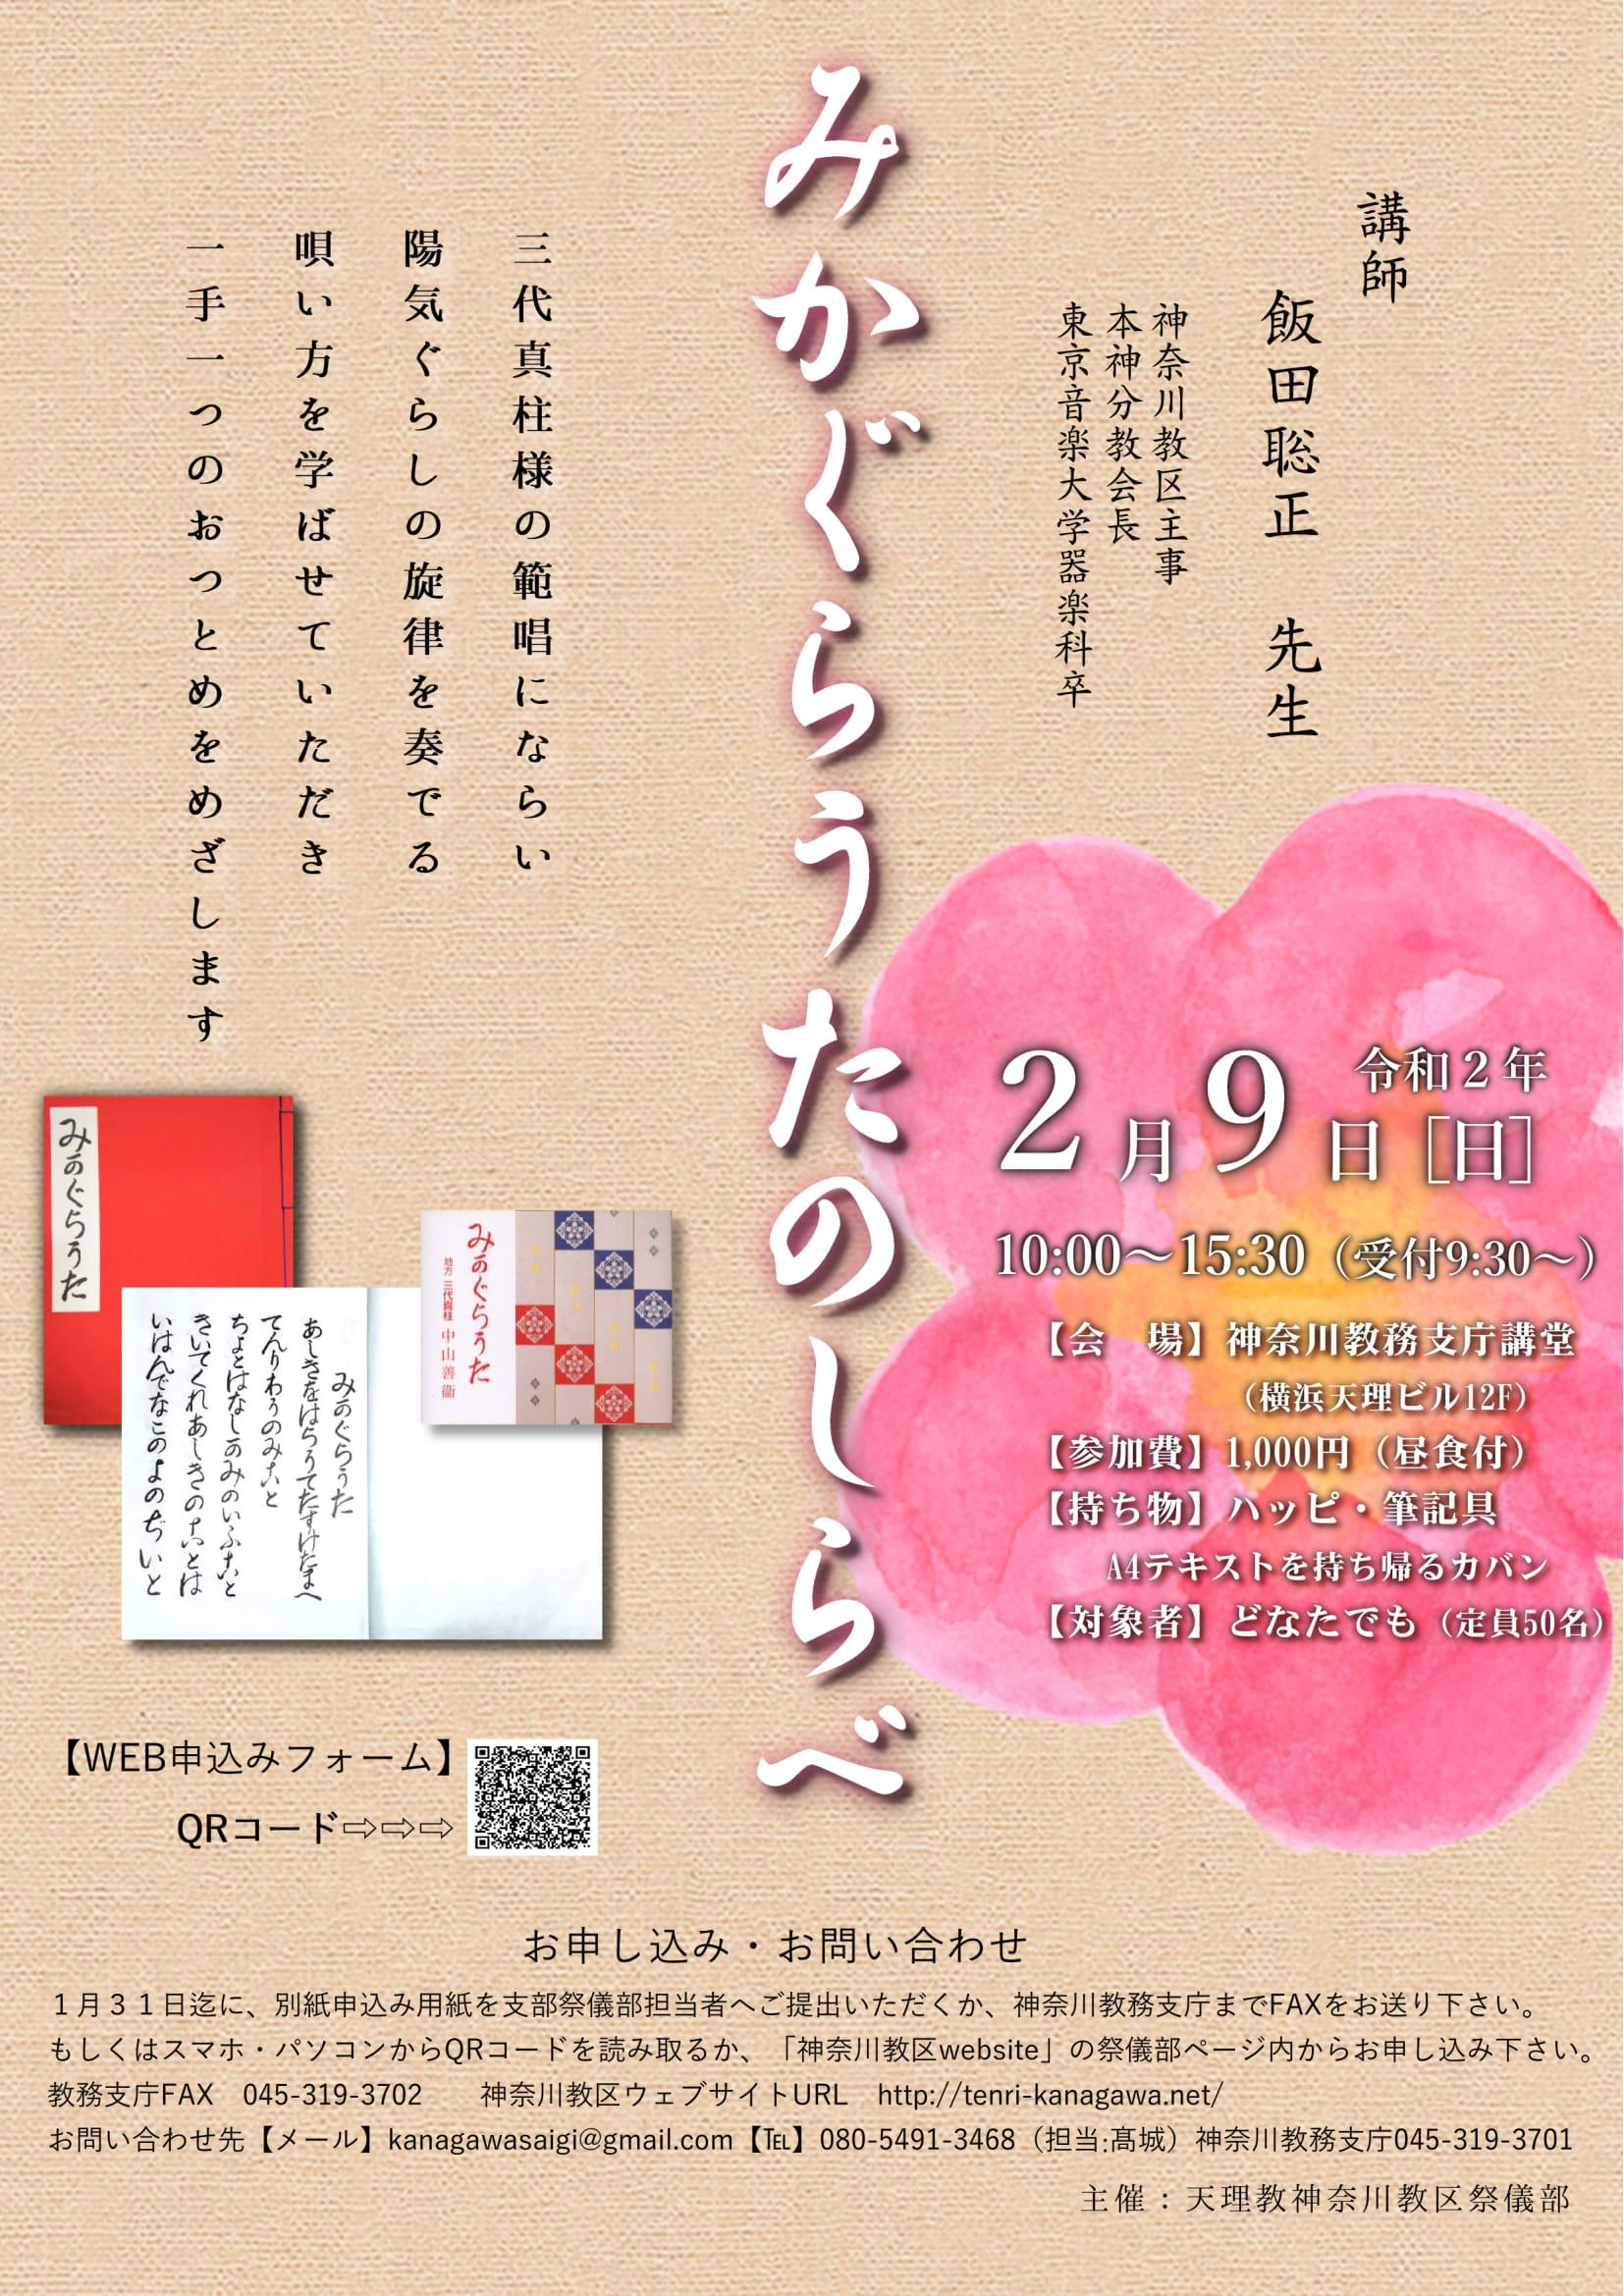 2020/2/9 みかぐらうたのしらべ(研修会)イメージ